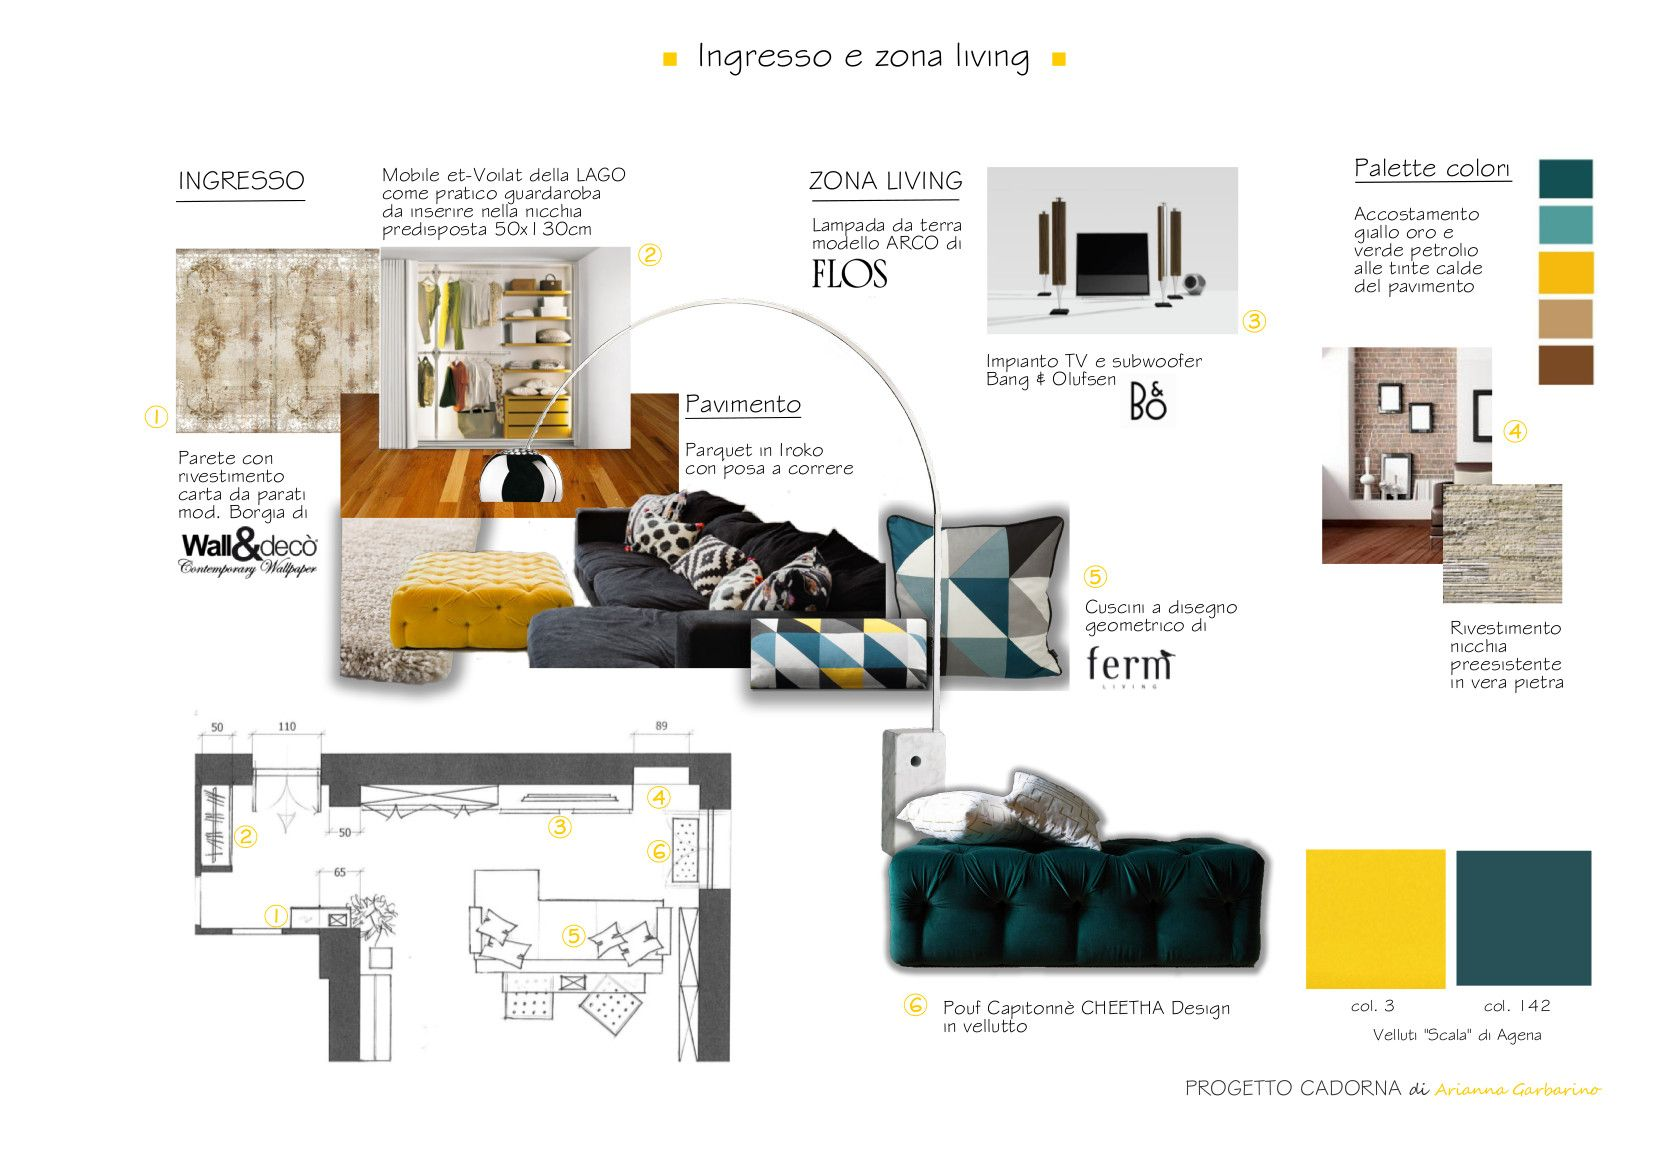 Corso interior design livello base for Progetti design interni